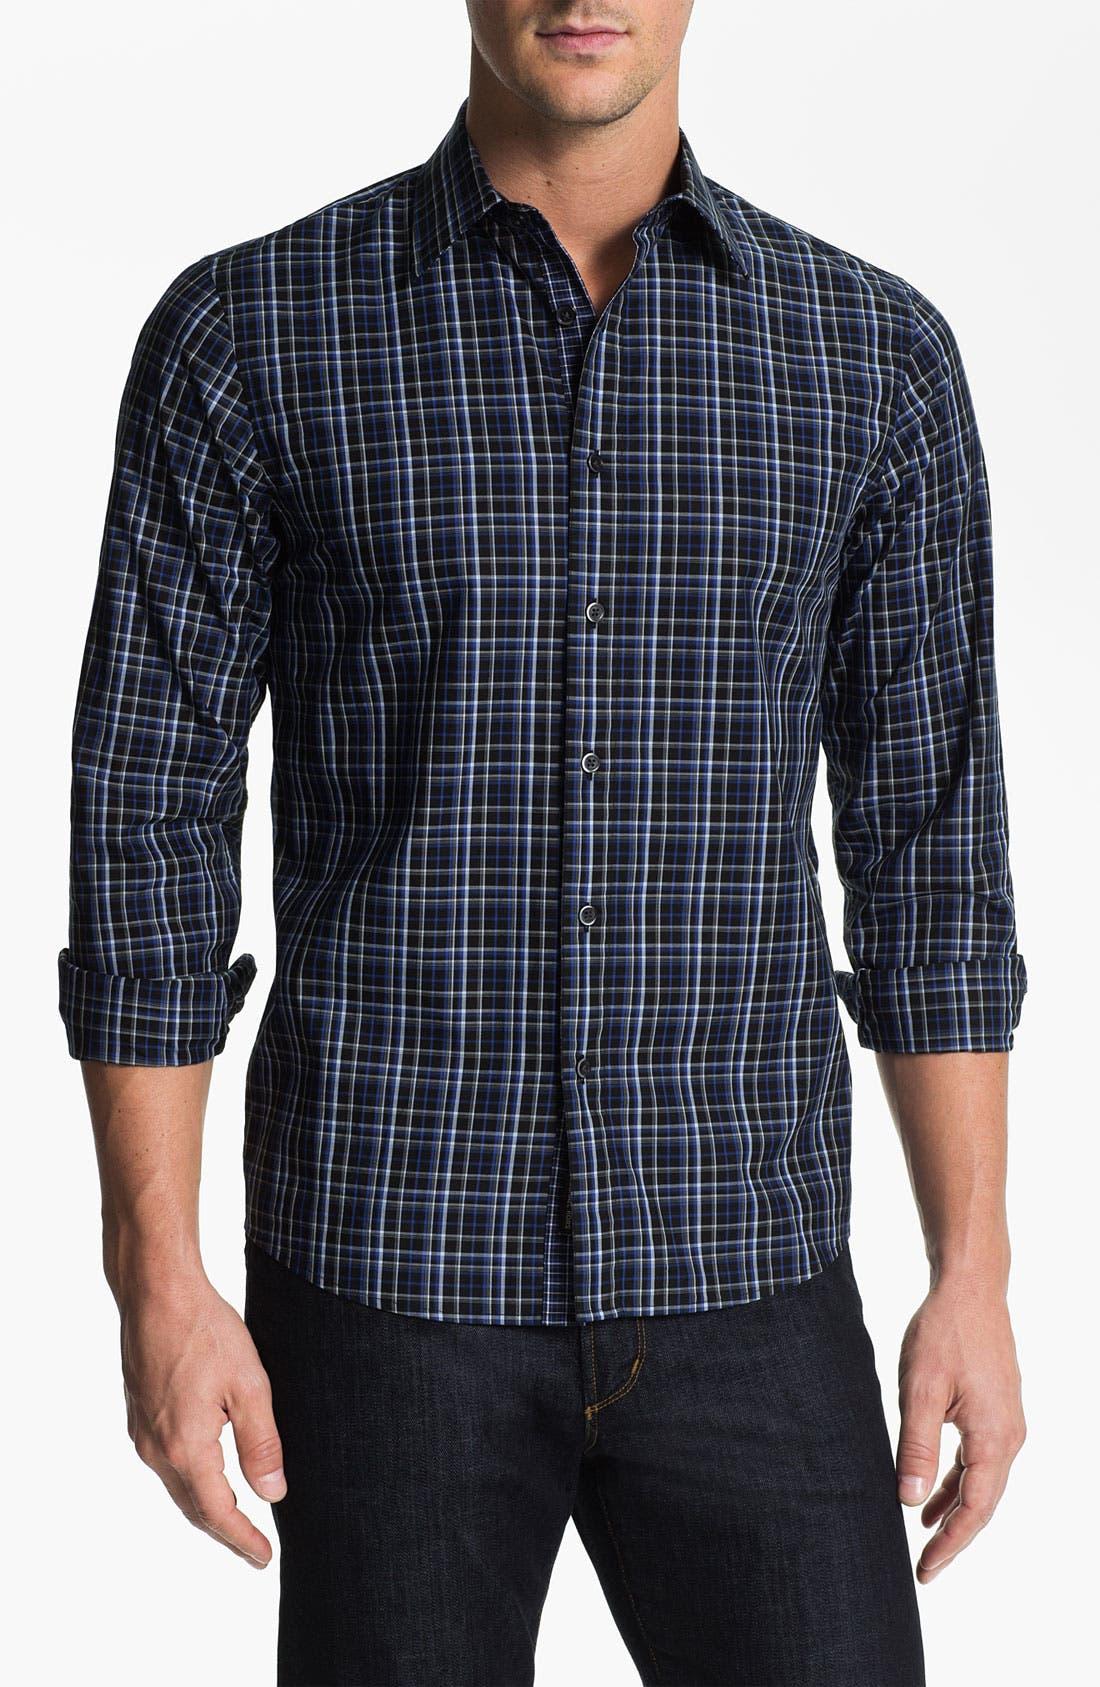 Main Image - Michael Kors 'Cyd Check' Sport Shirt